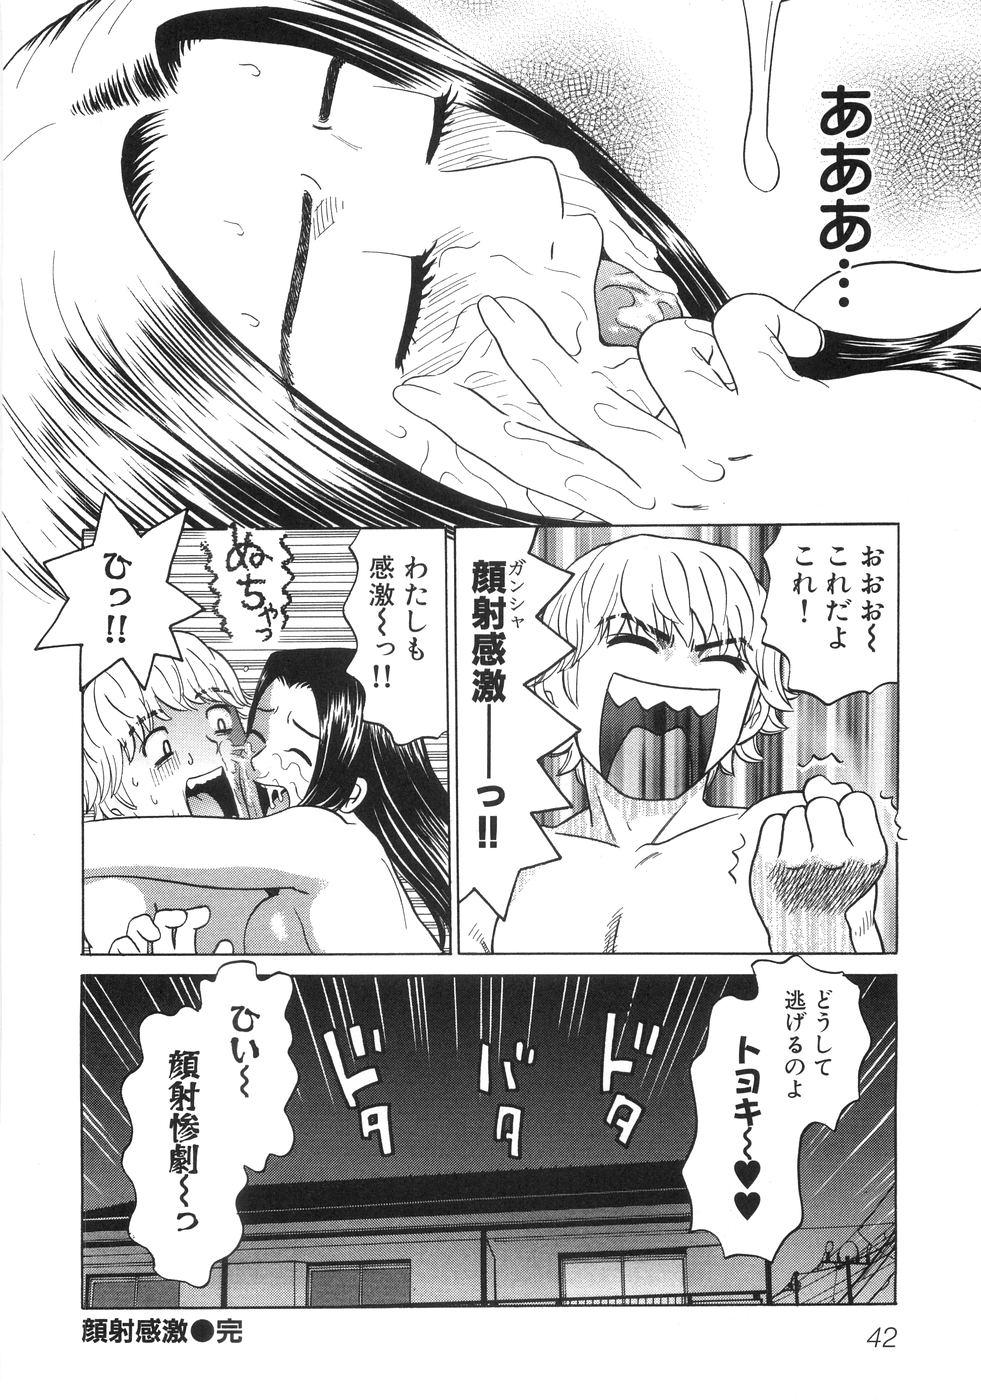 Hitoriyogari 48